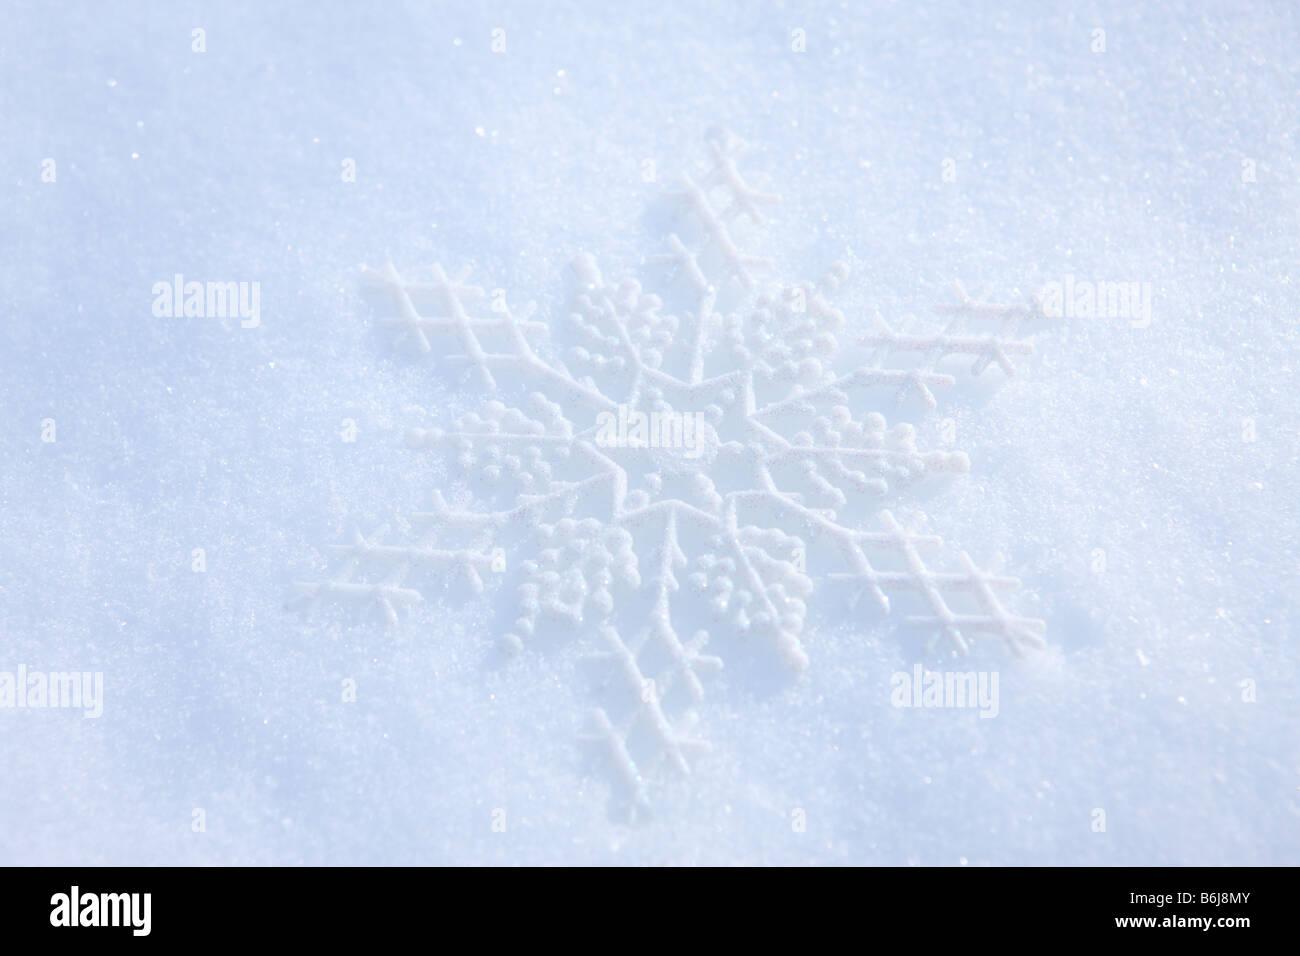 Il simbolo del fiocco di neve posa di ornamento in fresco bianco neve invernale Immagini Stock